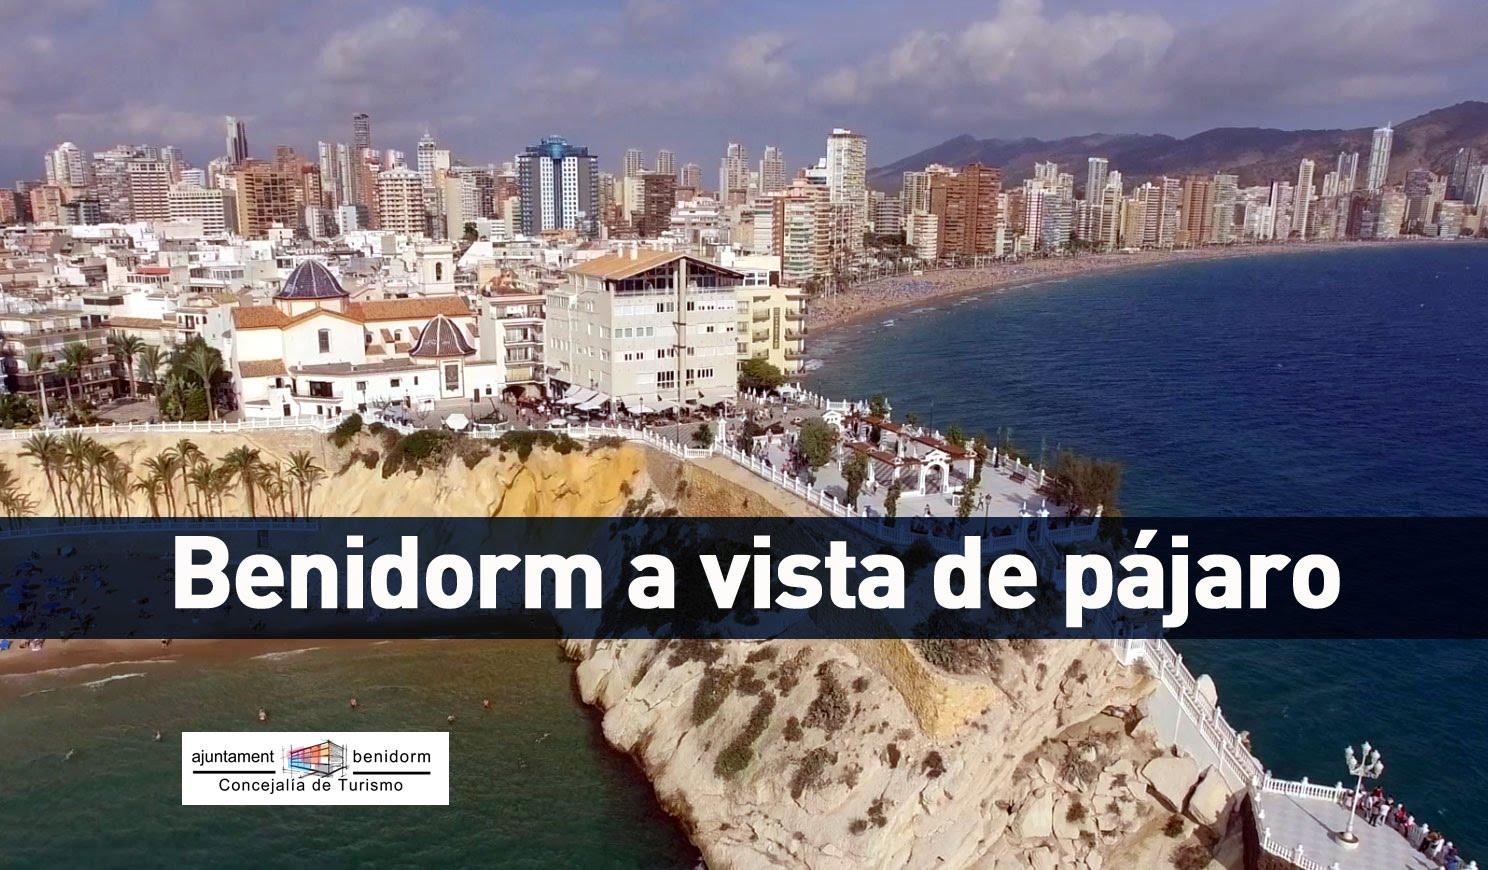 Visita aérea a Benidorm en Alicante